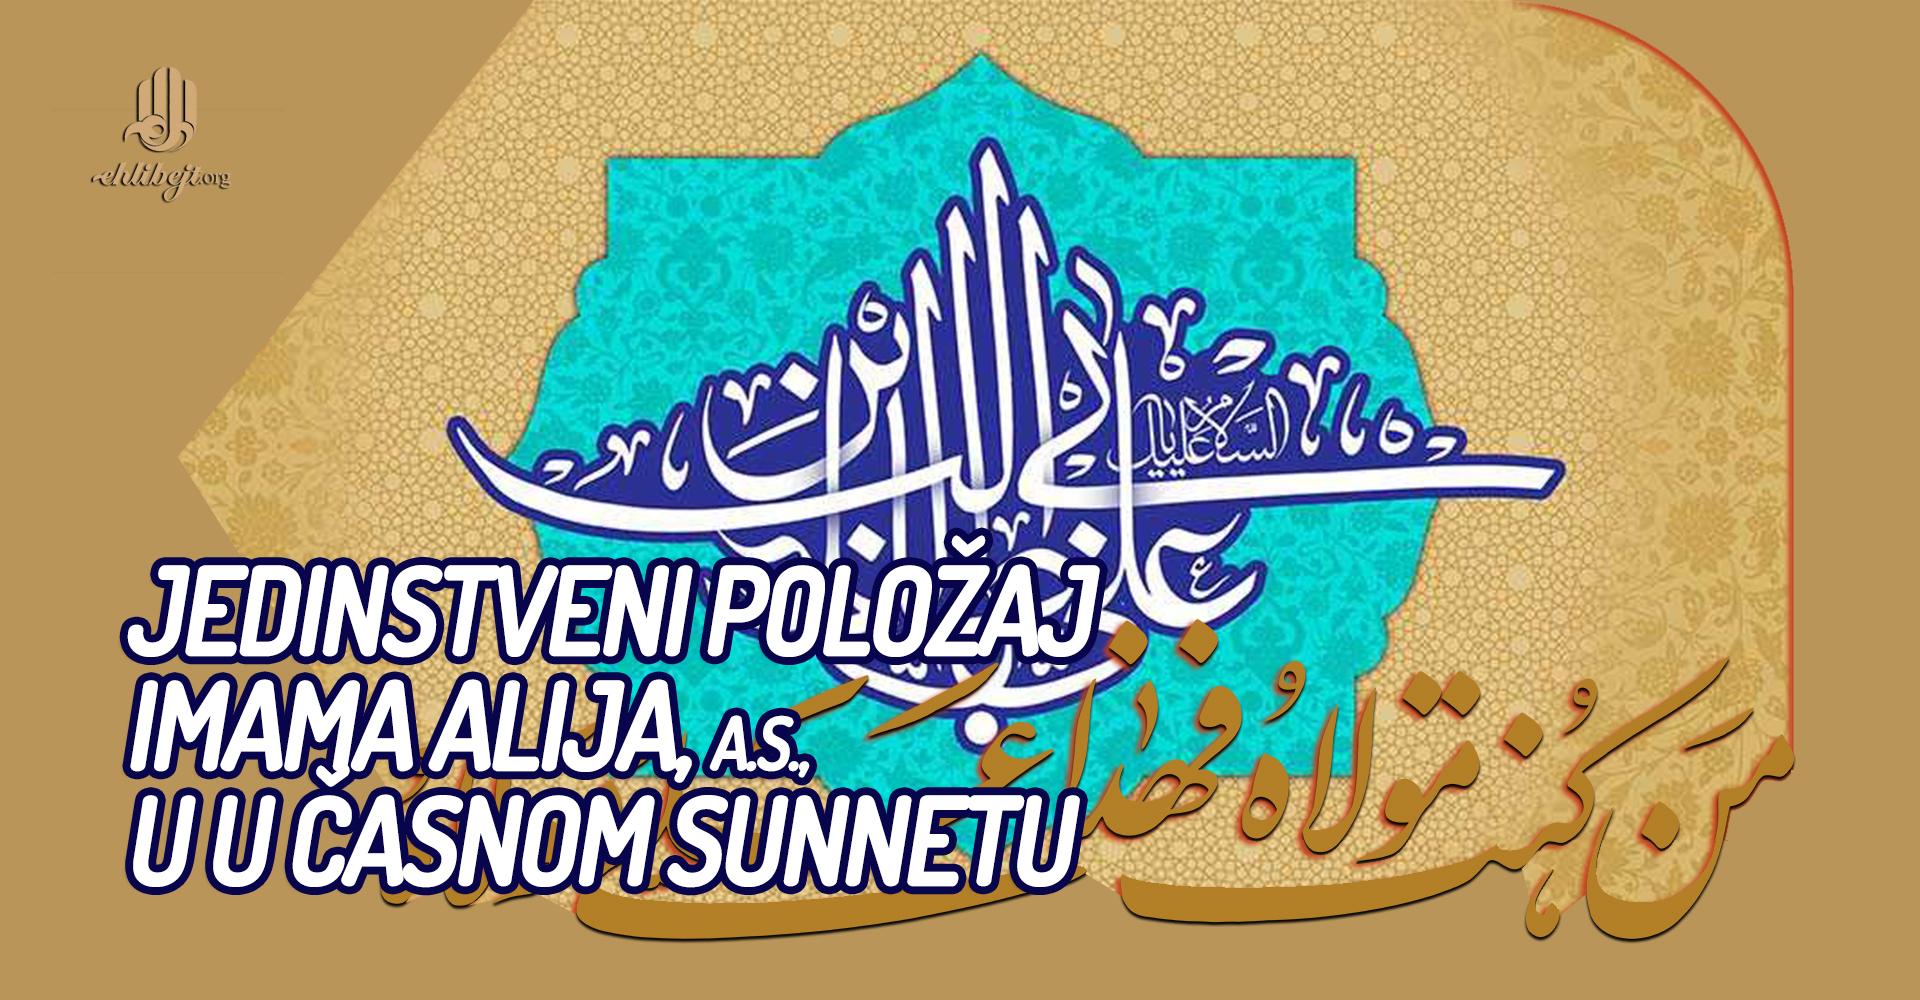 Jedinstveni položaj Imama Alija, a.s., u časnom sunnetu